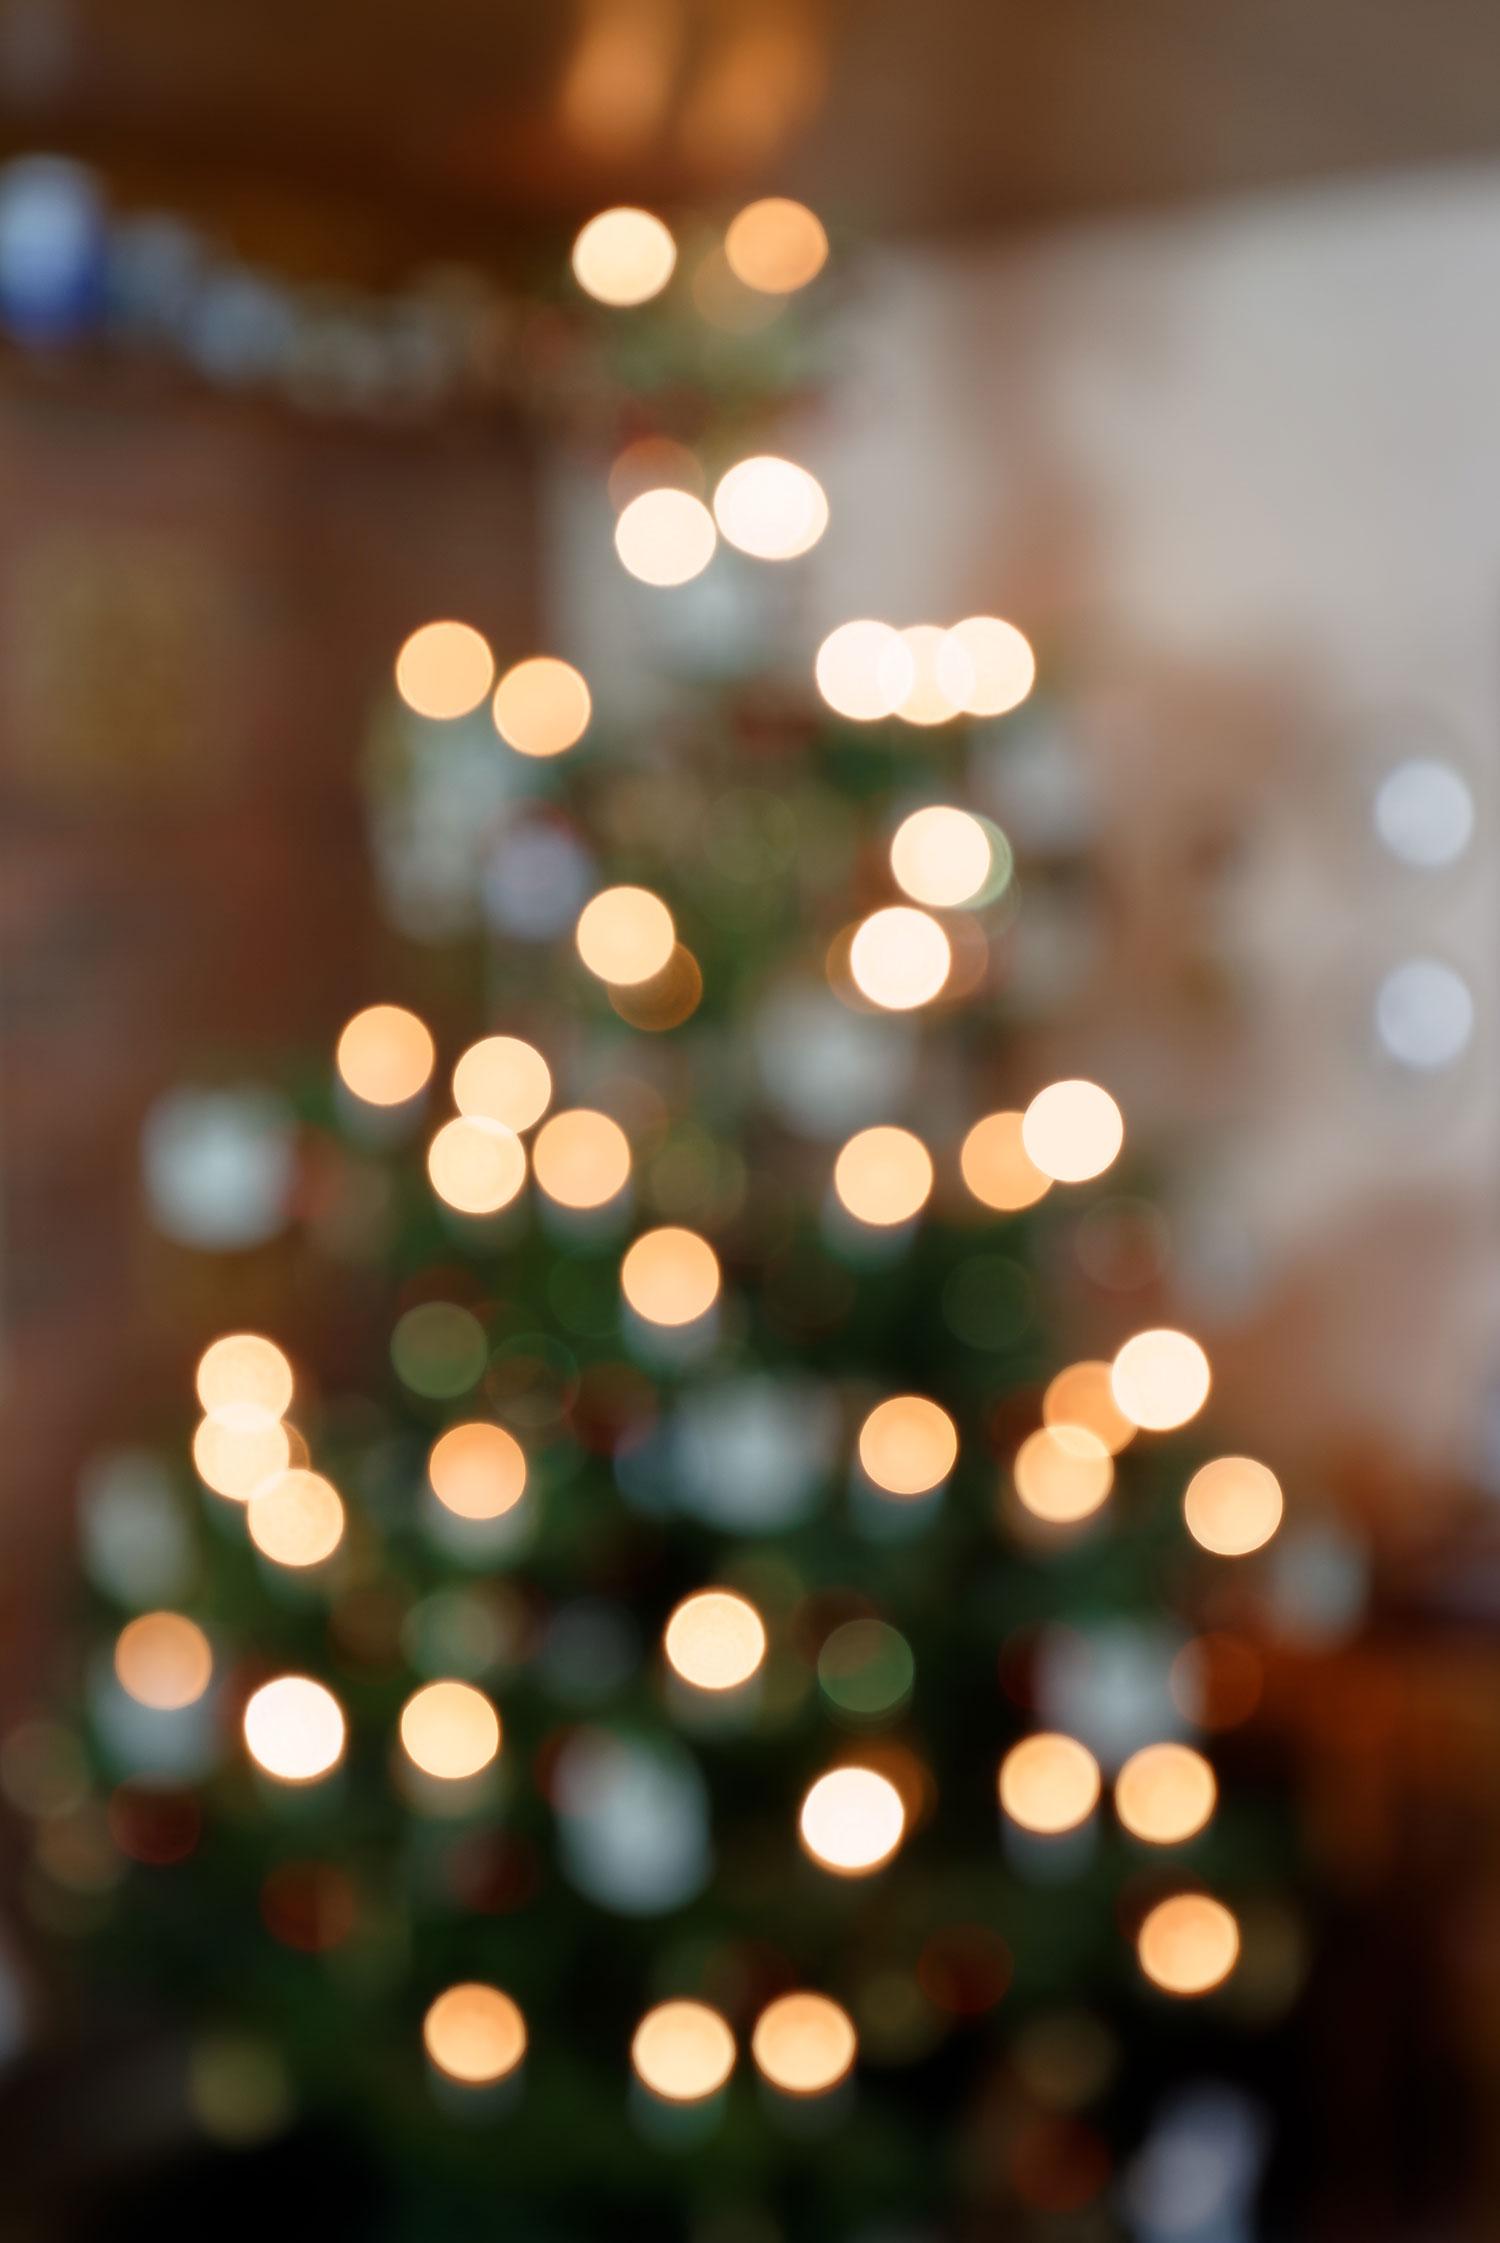 Abstrakter Weihnachtsbaum - Bokeh Hintergrund I